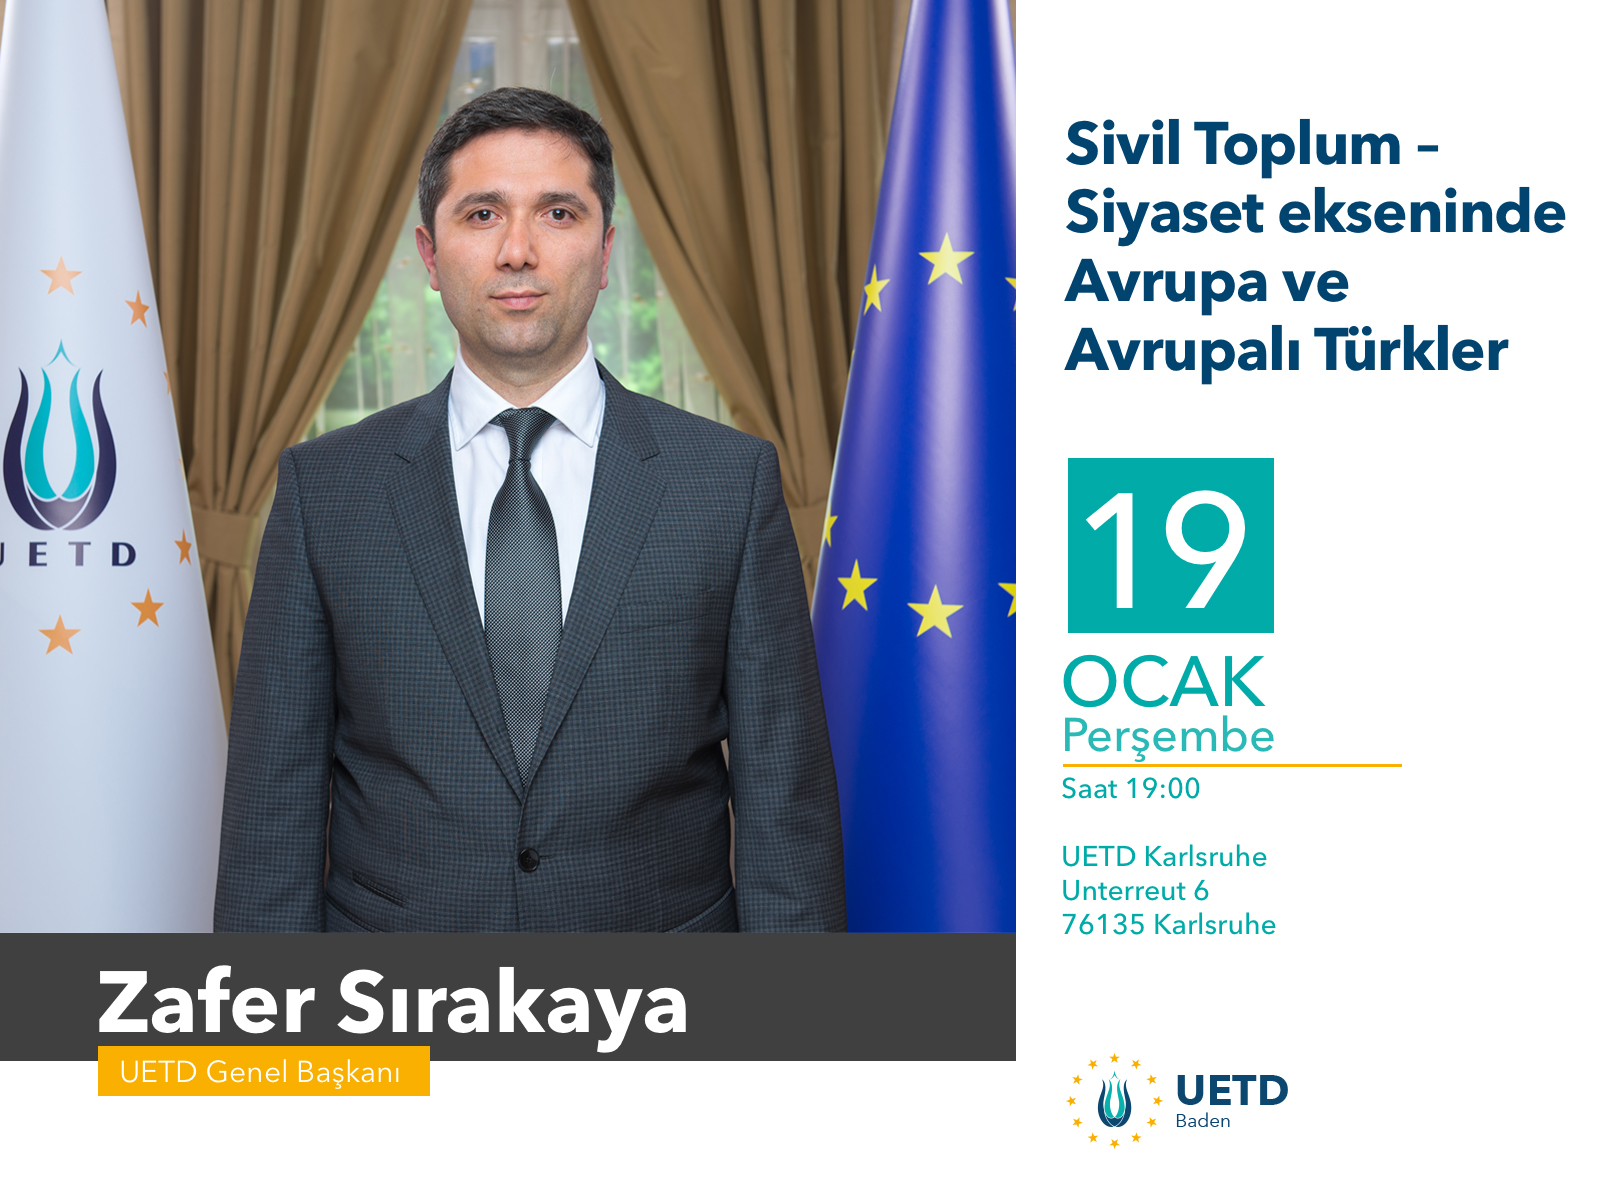 UETD_Konferanslar2017_Zafer-Sirakaya_Karlsrule_170119